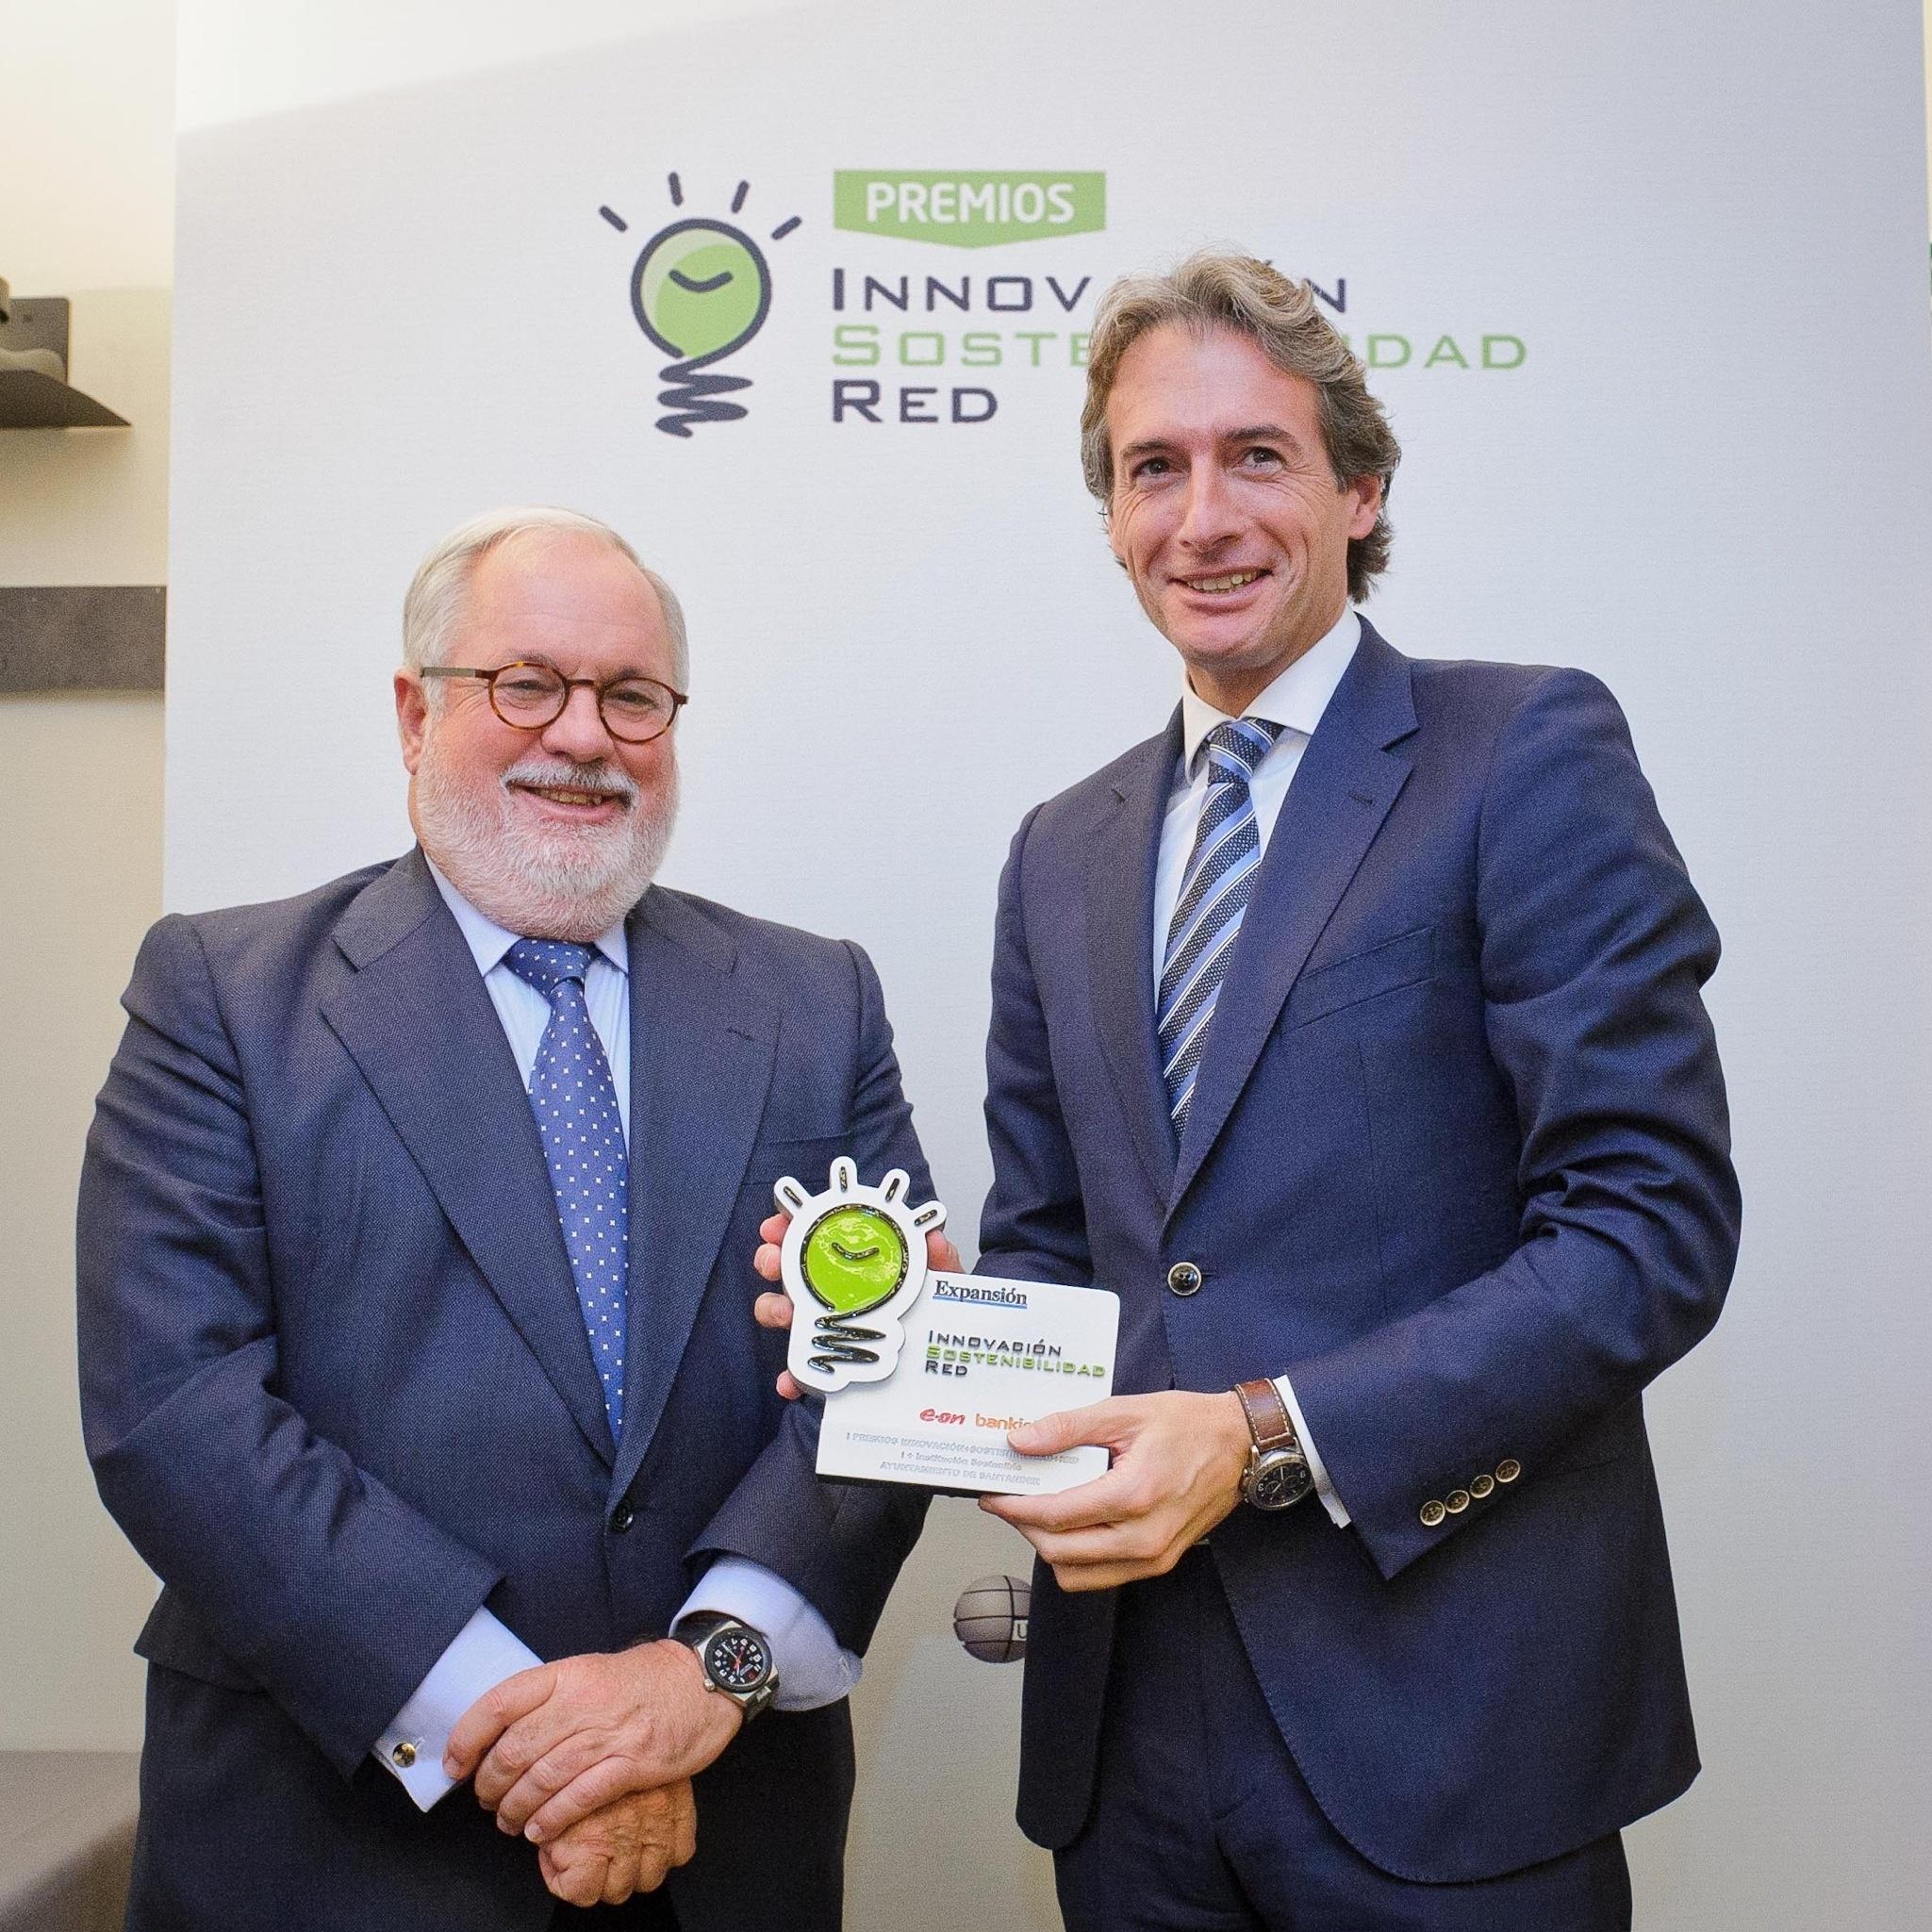 El Ayuntamiento recibe el premio »Innovación+Sostenibilidad+Red» por el proyecto SmartSantander